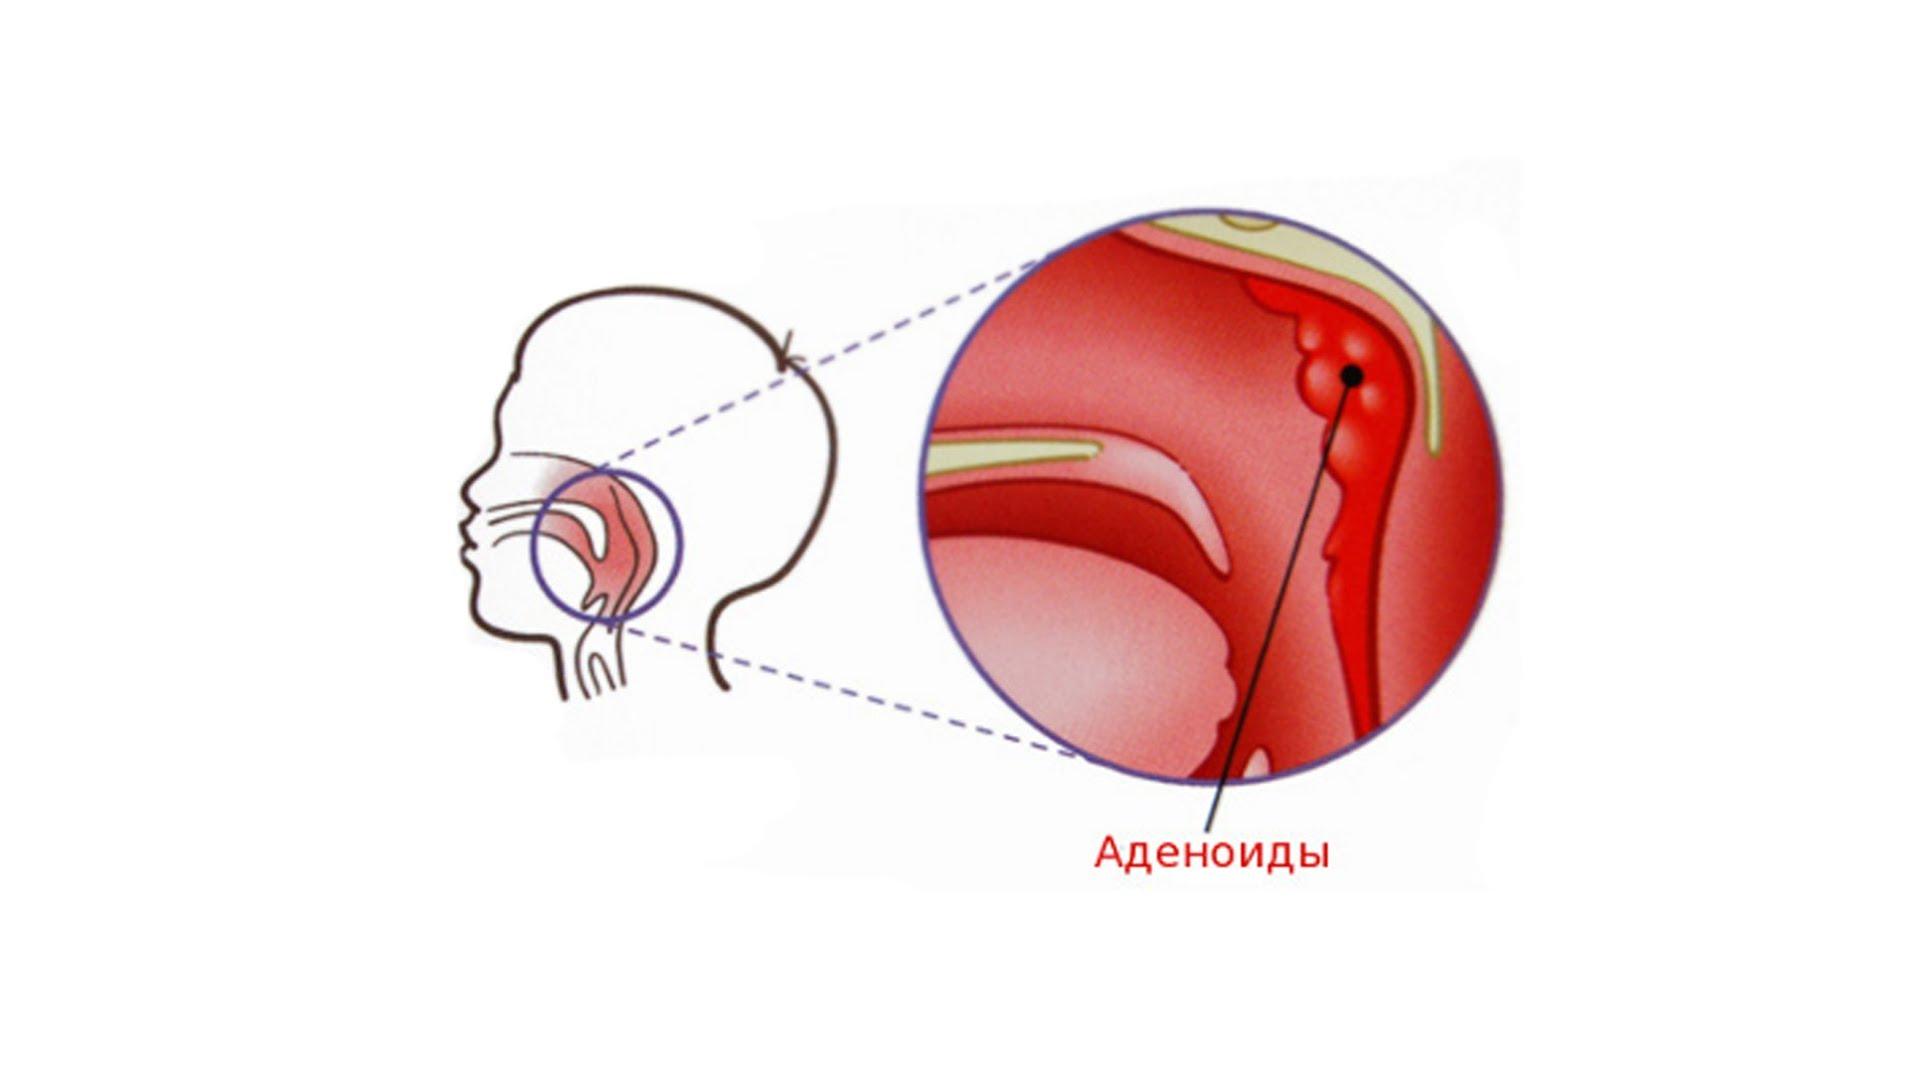 Лечение гипертонии дозы препаратов